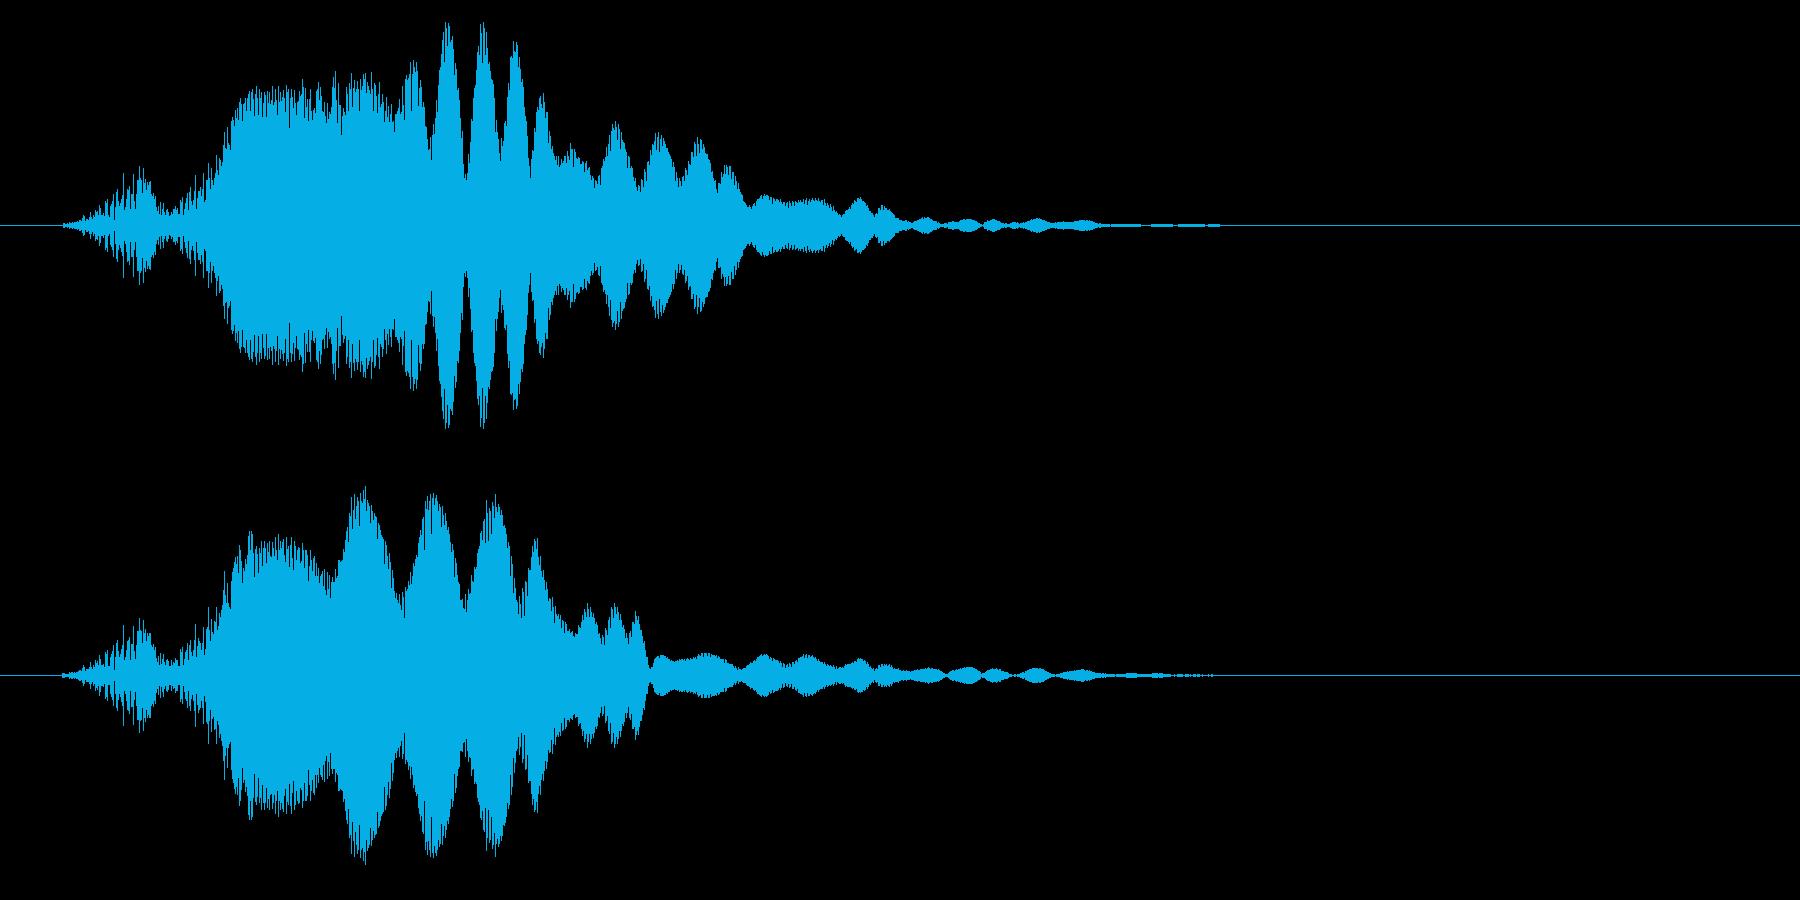 ピョッ(かわいらしいシンプルな決定音)の再生済みの波形